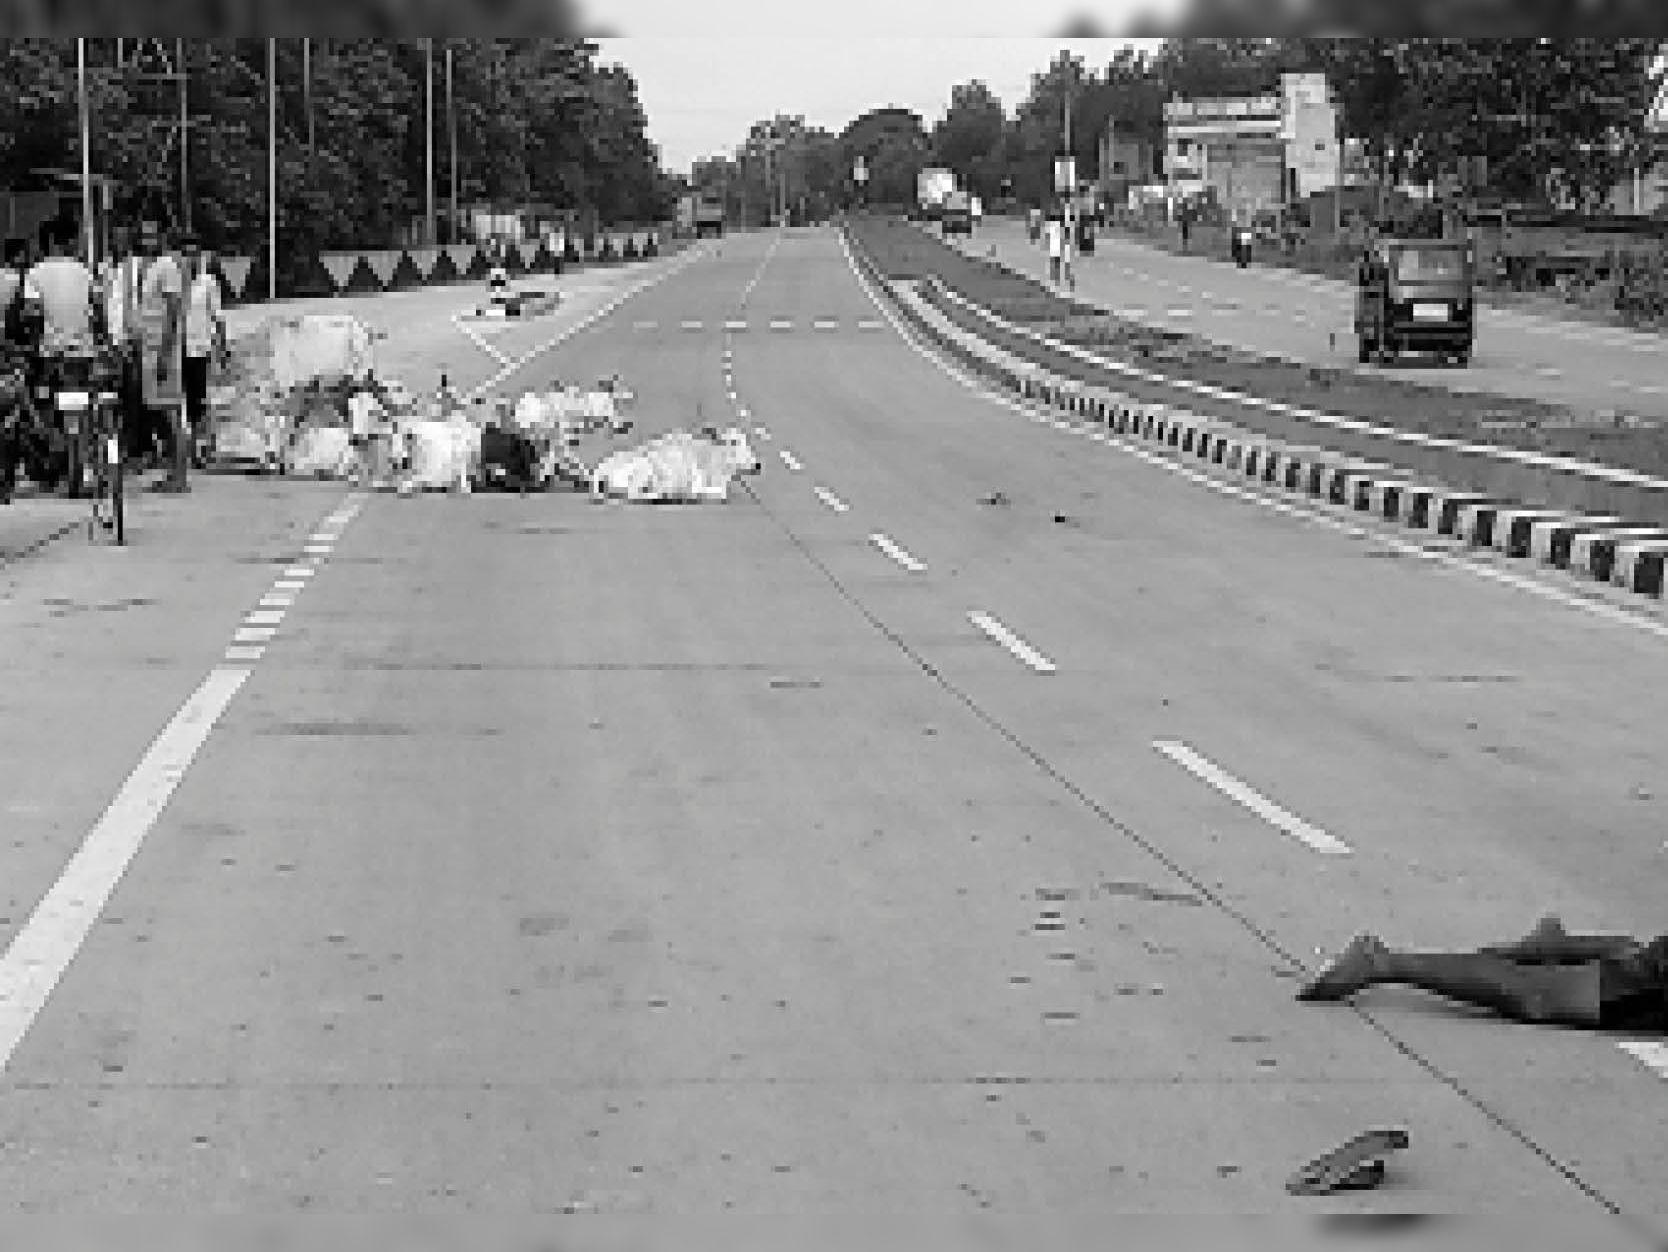 धनबाद-बोकारो मुख्यमार्ग में तेलमच्चो महुदा मोड़ गोलाई में में बुधवार को 20 साल के अमित हाड़ी की मौत की वजह सड़कों पर बैठे मवेशी बने। मवेशी के फेर में युवक पीछे से आ रहे ट्रेलर की चपेट में आ गया। - Dainik Bhaskar